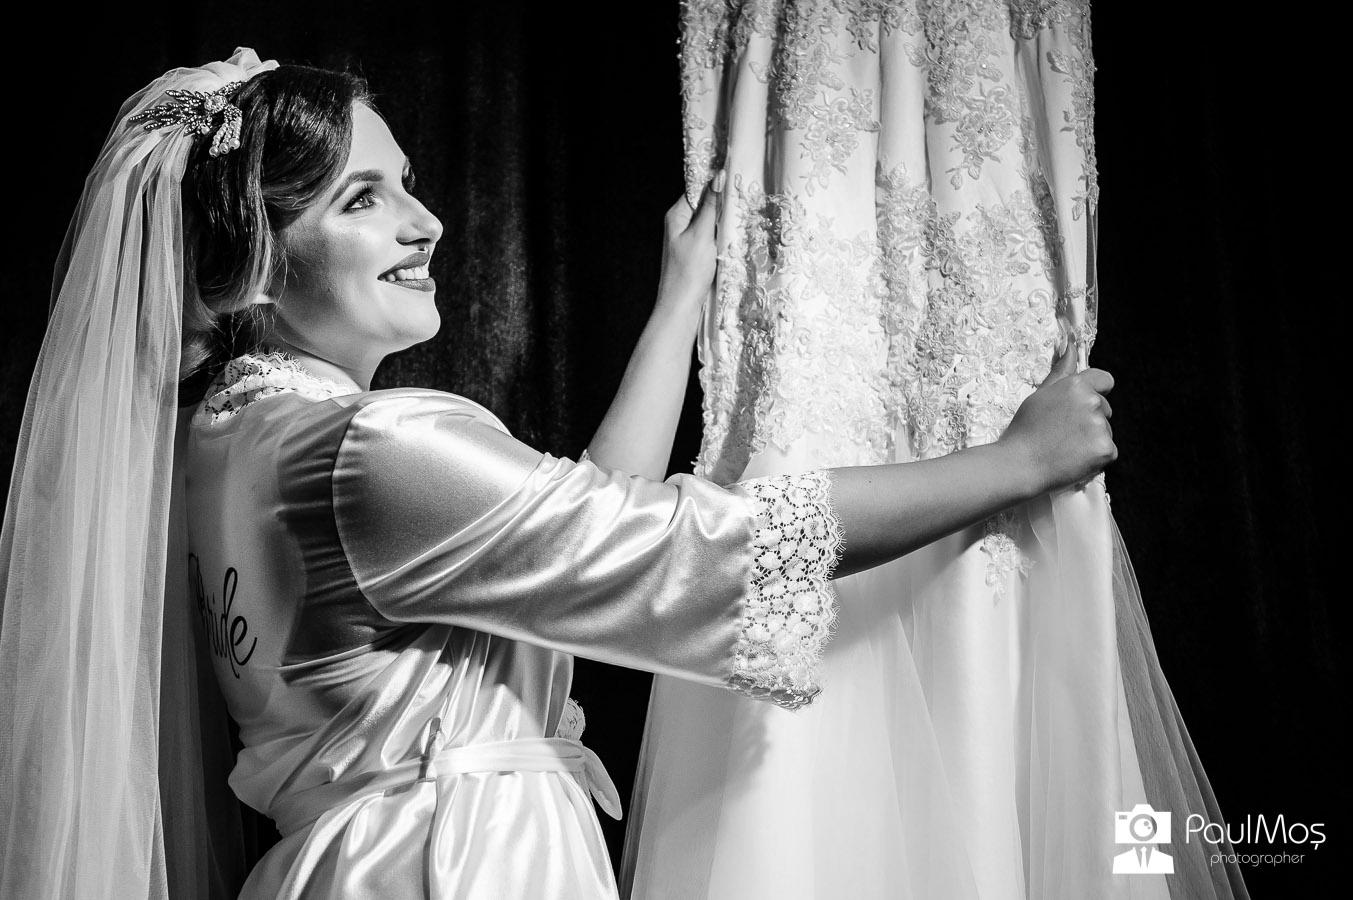 fotograf nunta arad, fotograf arad, fotografii nunta arad, nunta arad, foto video nunta arad